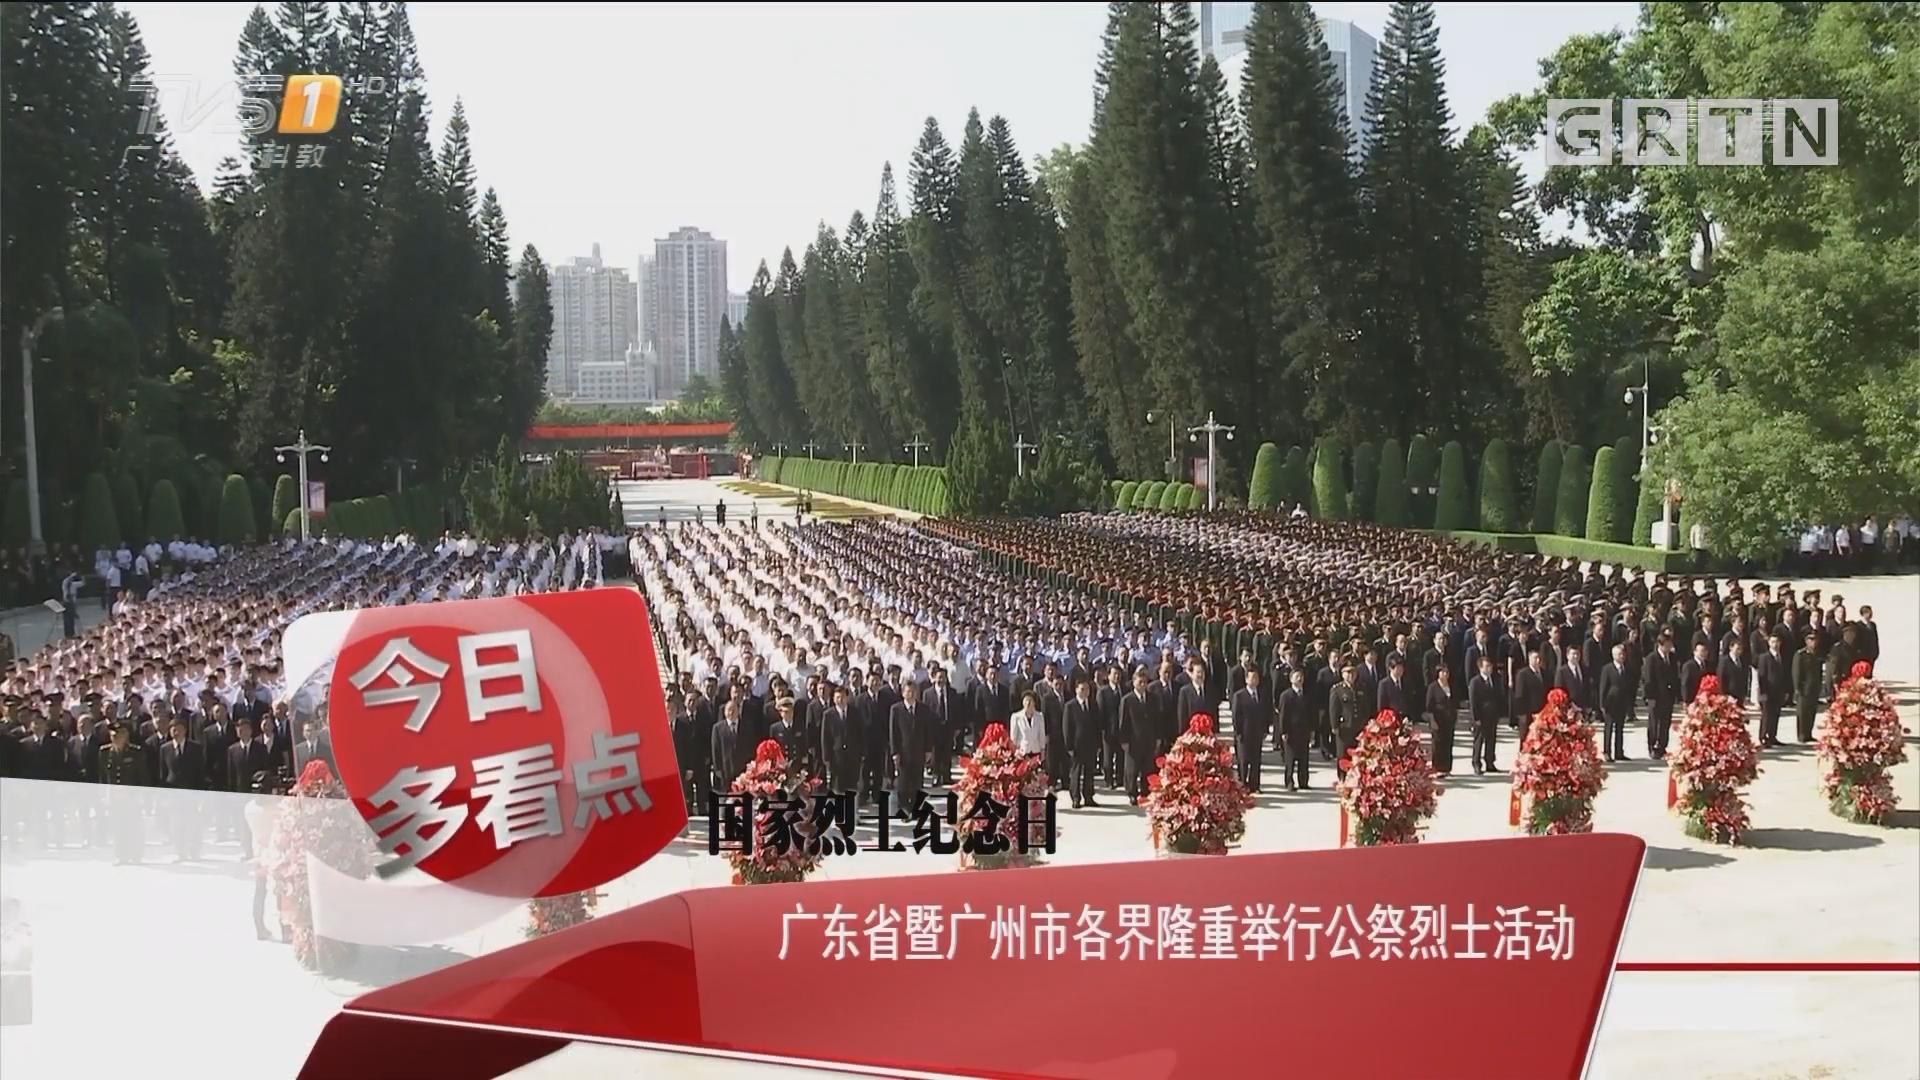 国家烈士纪念日:广东省暨广州市各界隆重举行公祭烈士活动